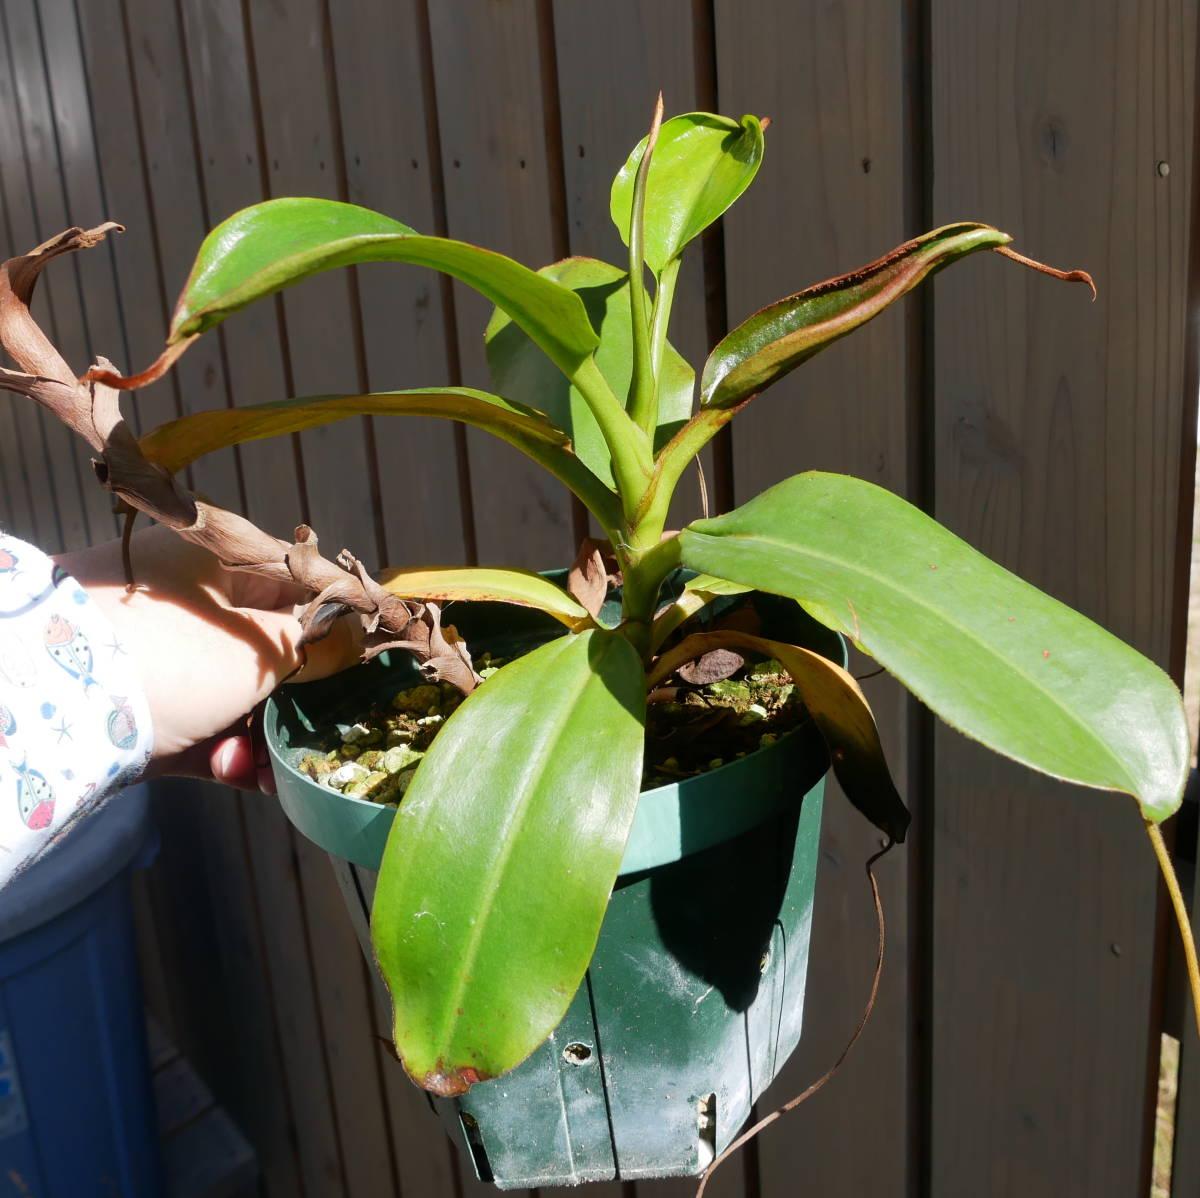 食虫植物 ウツボカズラ Nepenthes rajah x mira Borneo Exotics 実生_画像2